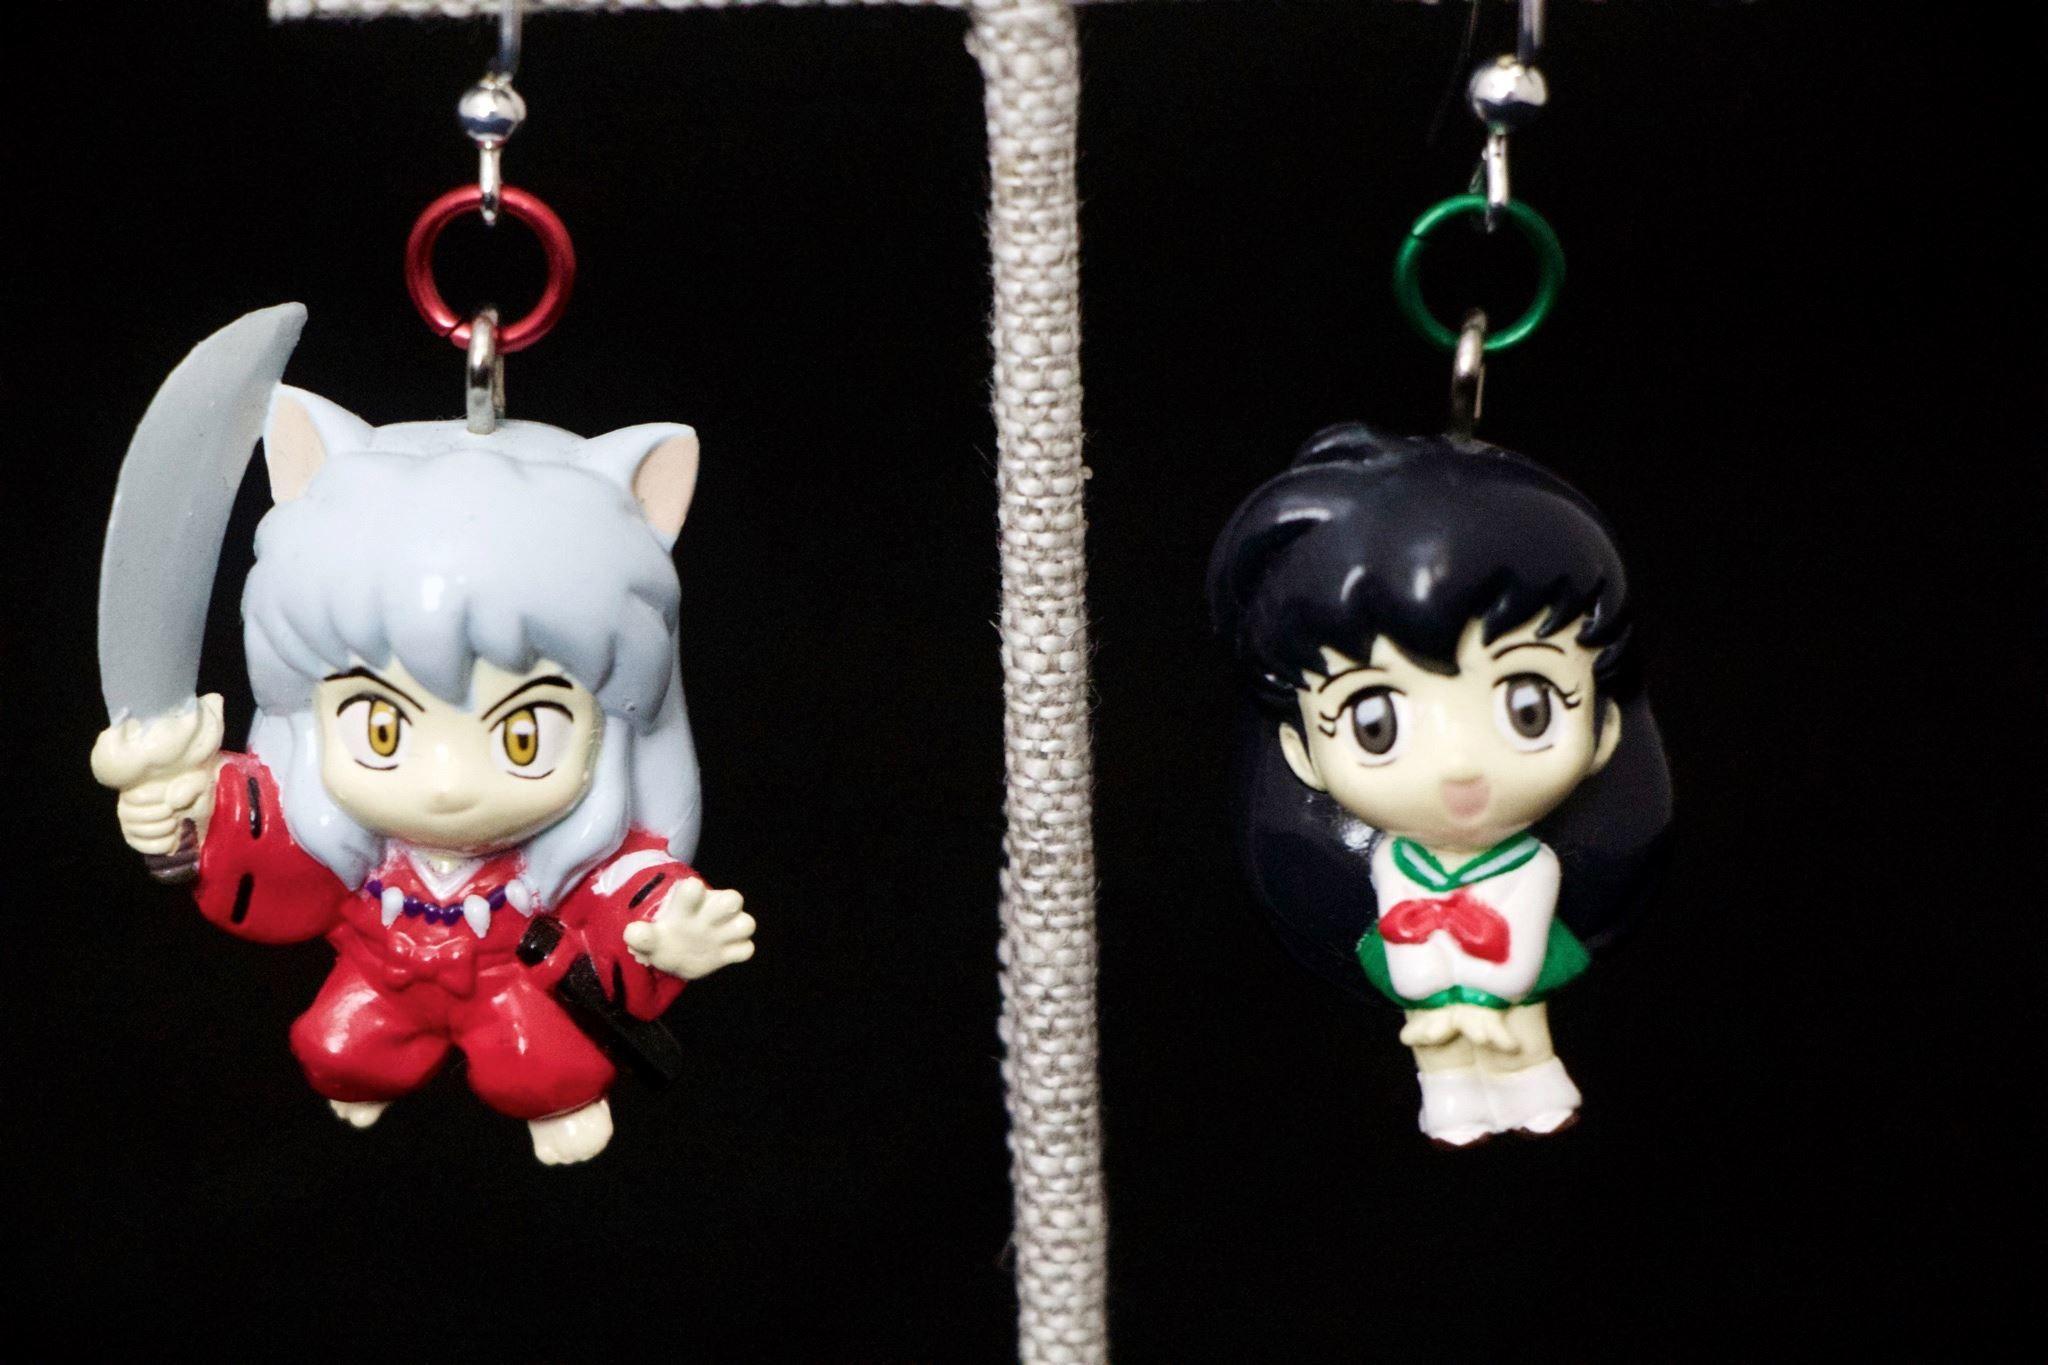 44++ Anime character wearing earrings ideas in 2021